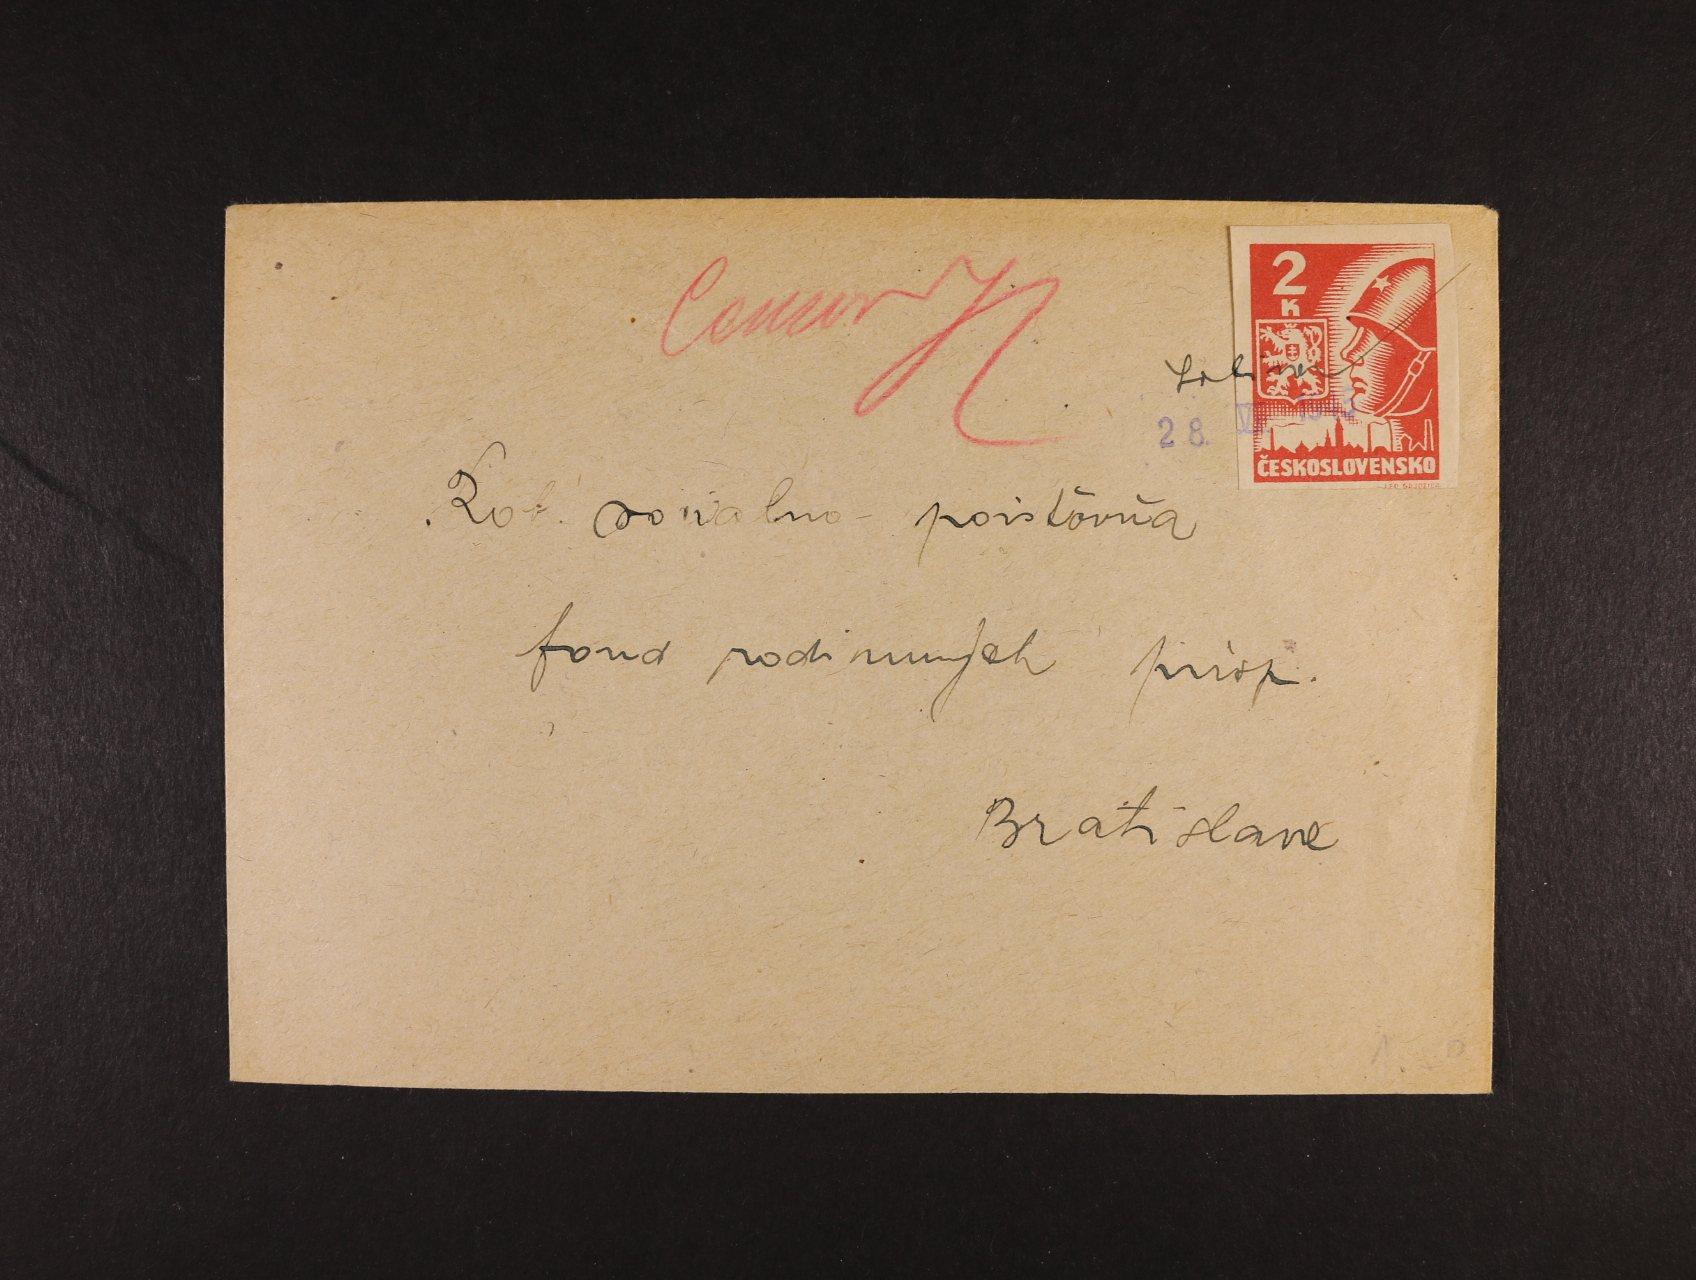 dopis do Bratislavy frank zn. č. 354 s ručním přepisem a datací 28.6.45